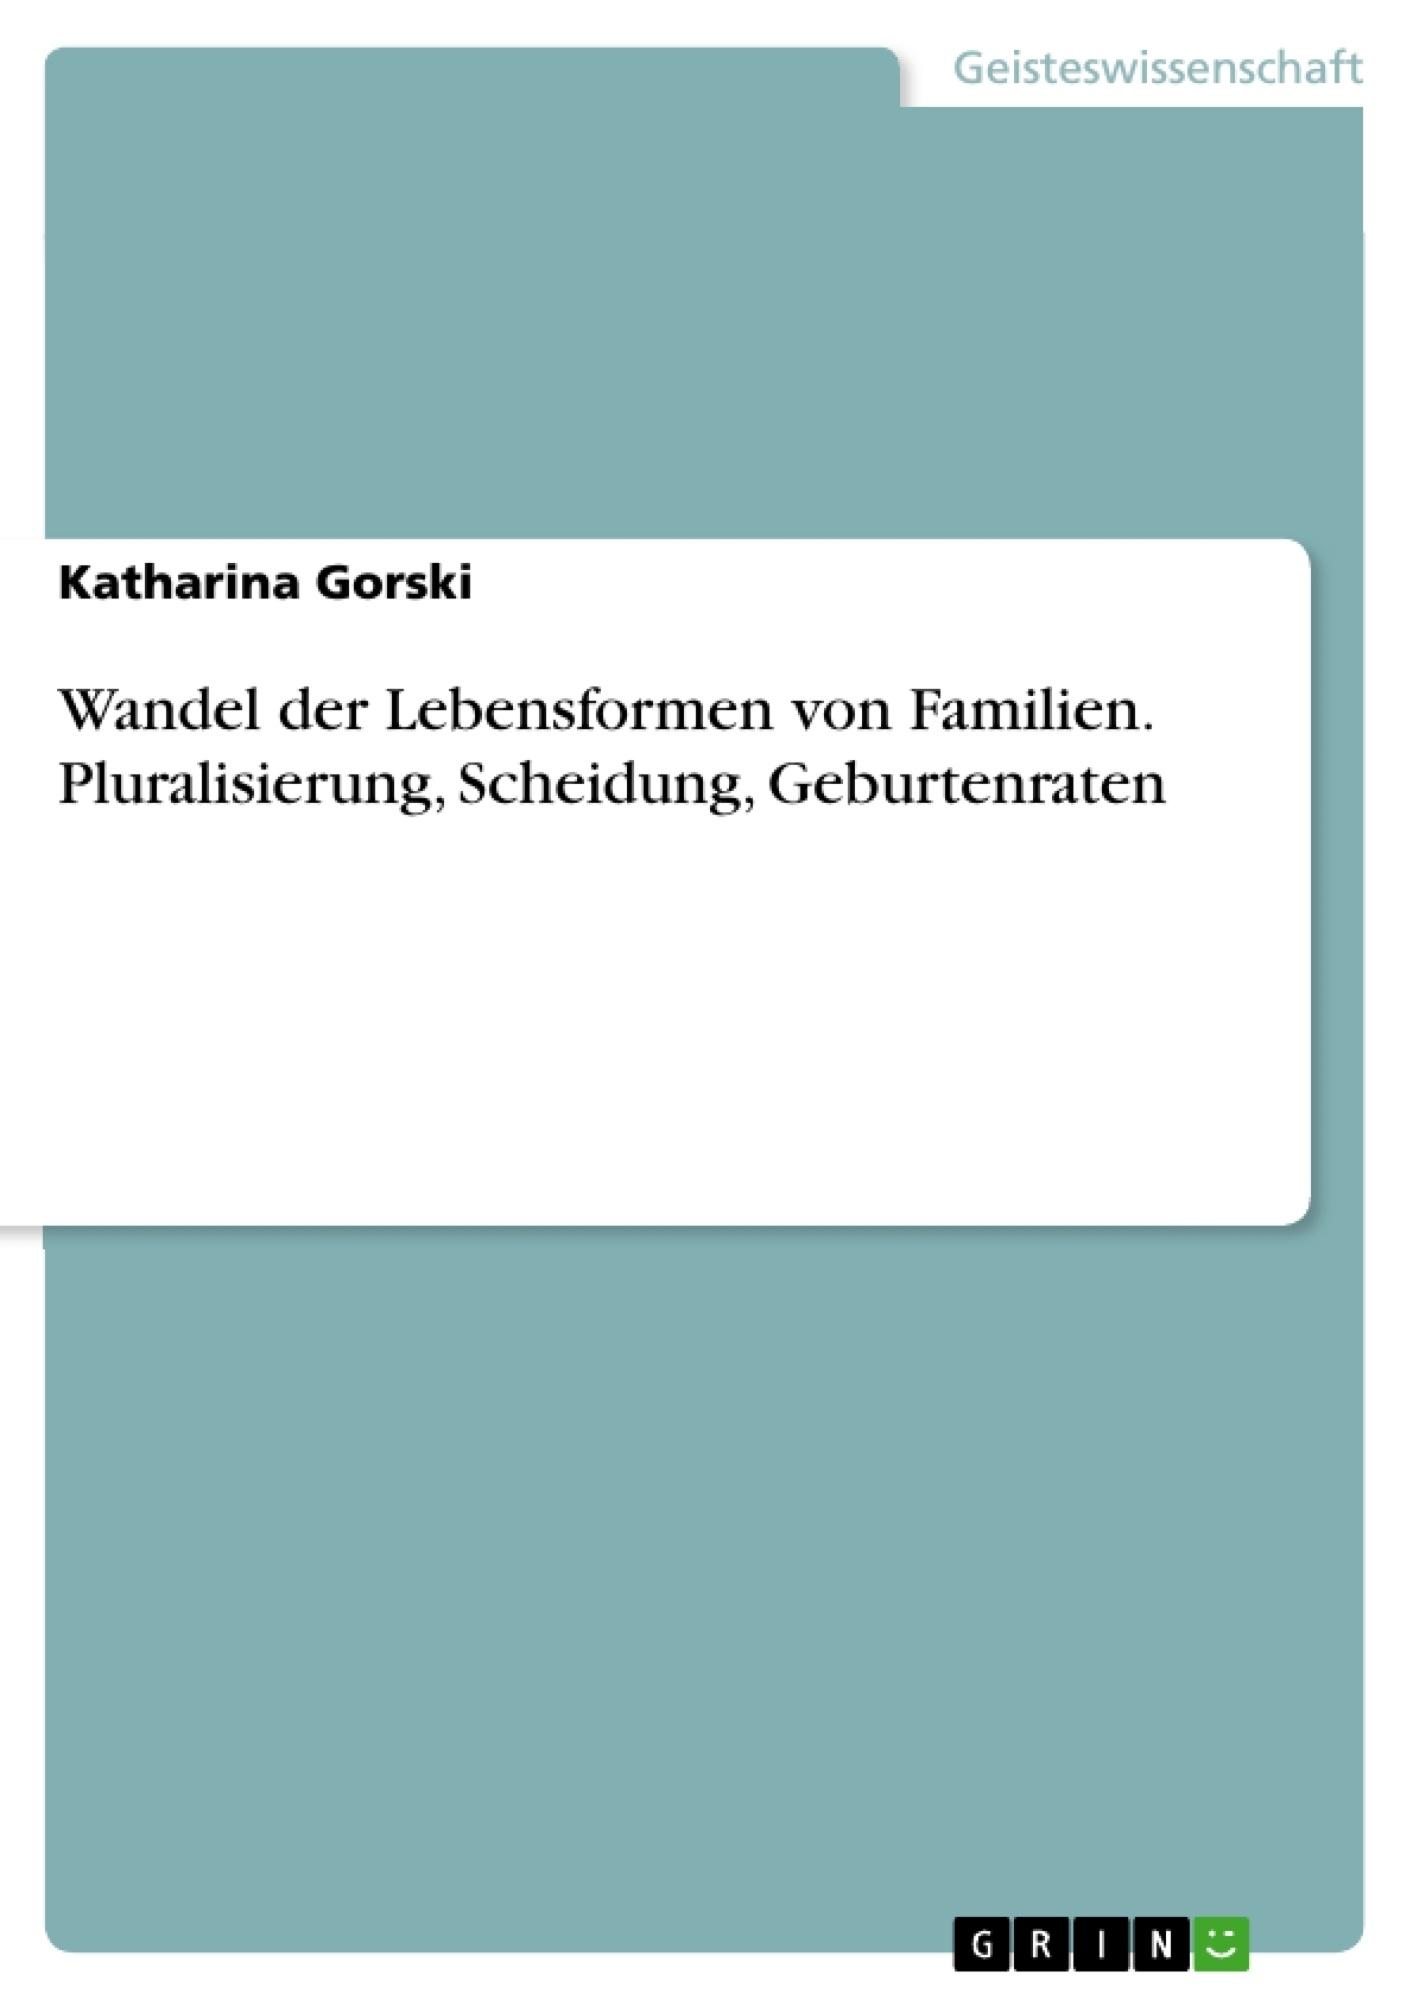 Titel: Wandel der Lebensformen von Familien. Pluralisierung, Scheidung, Geburtenraten